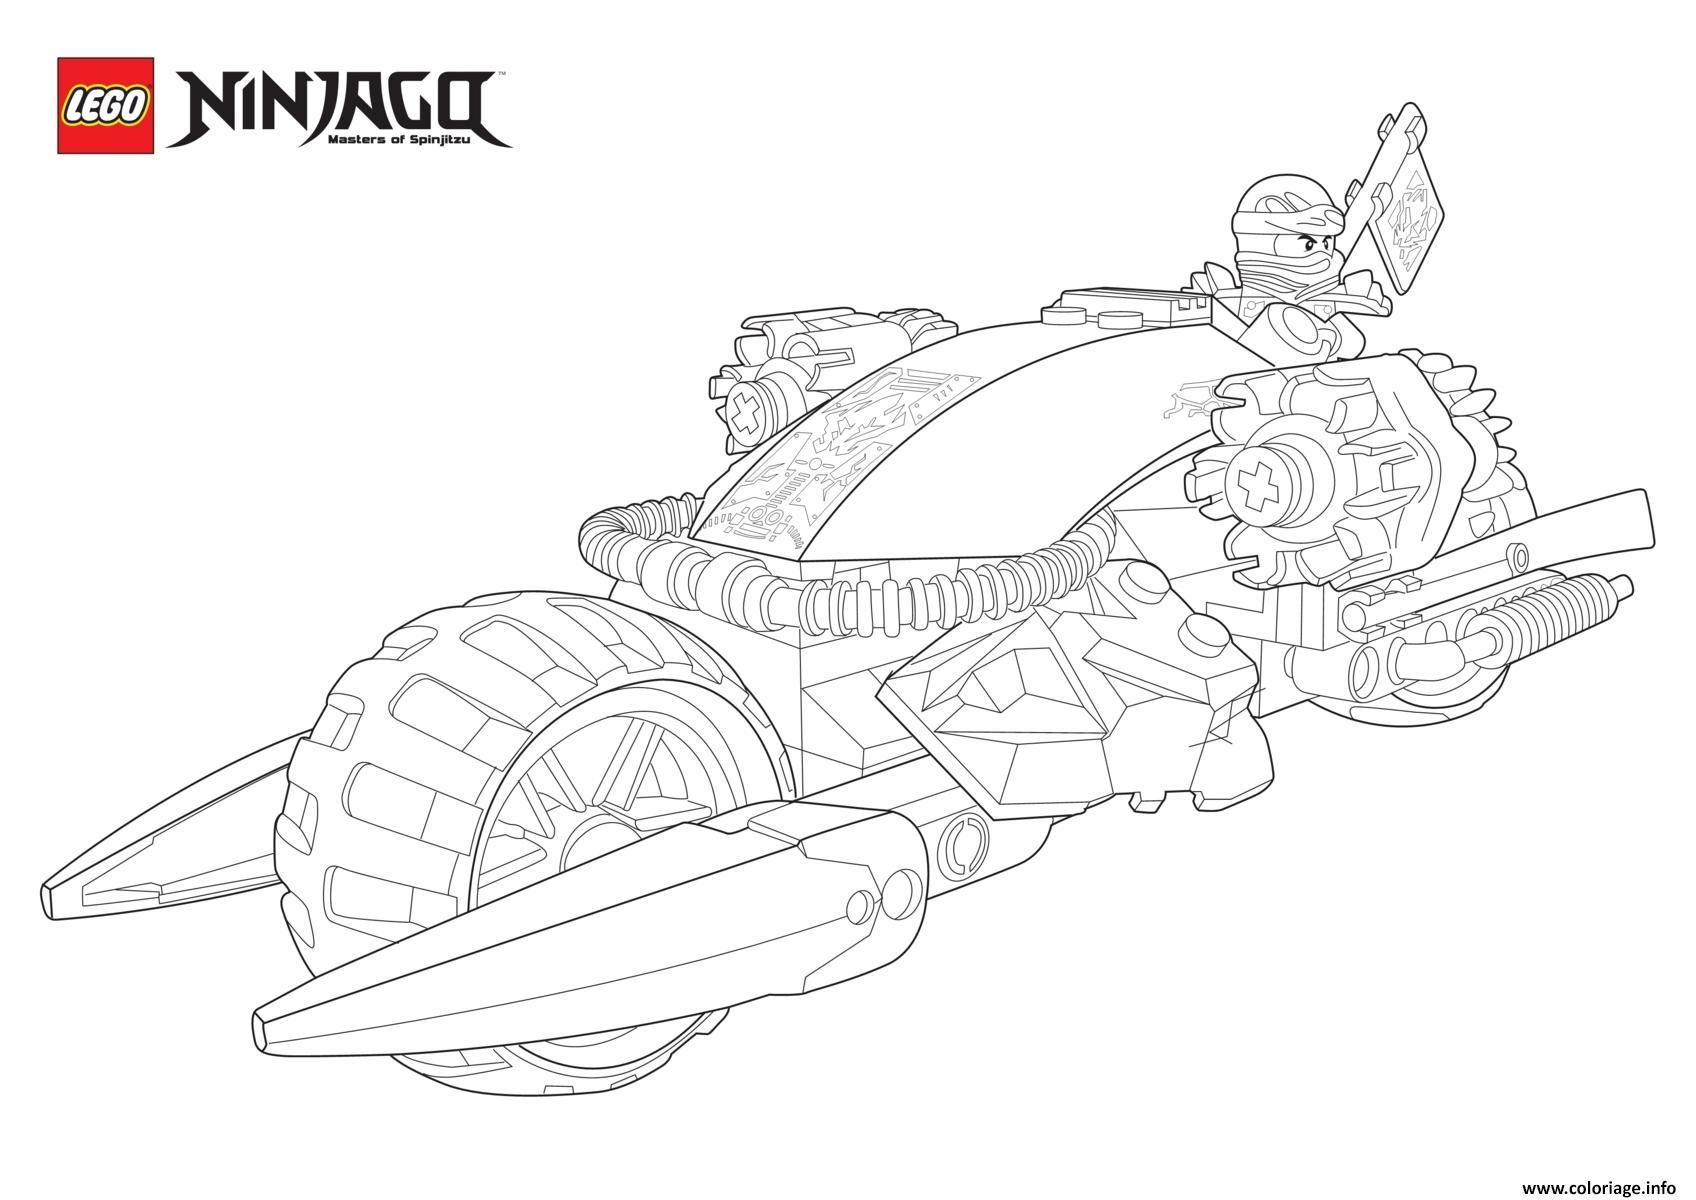 Coloriage ninjago lego en mode moto dessin - Coloriage de moto ...